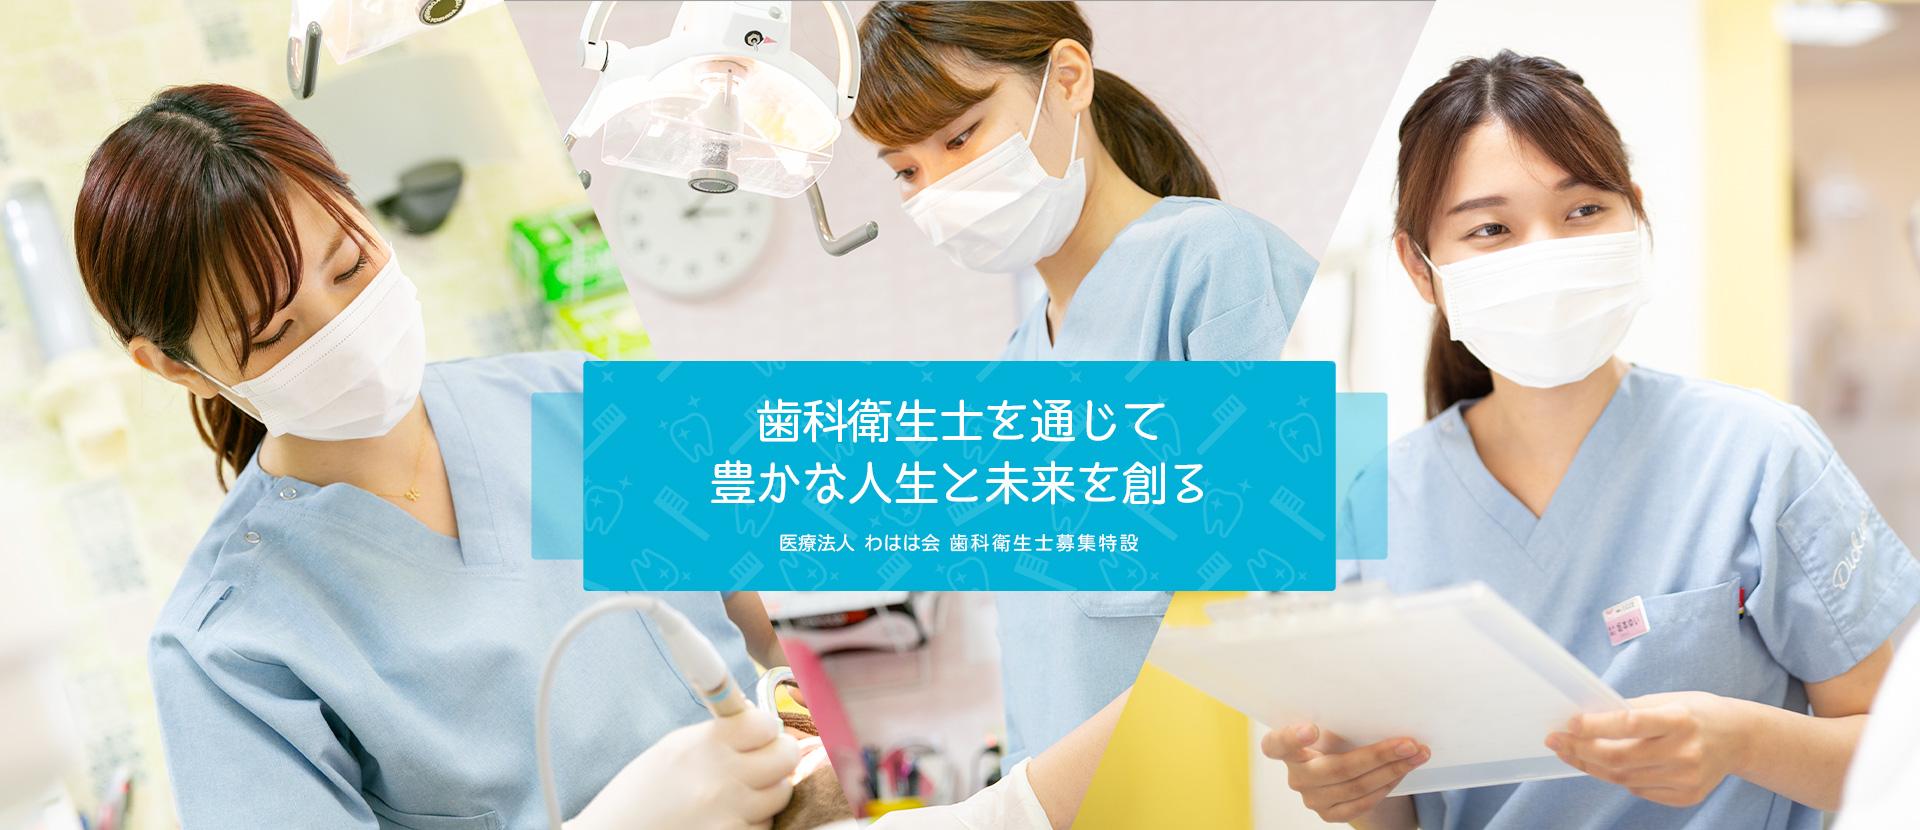 医療法人 わはは会 歯科医募集特設